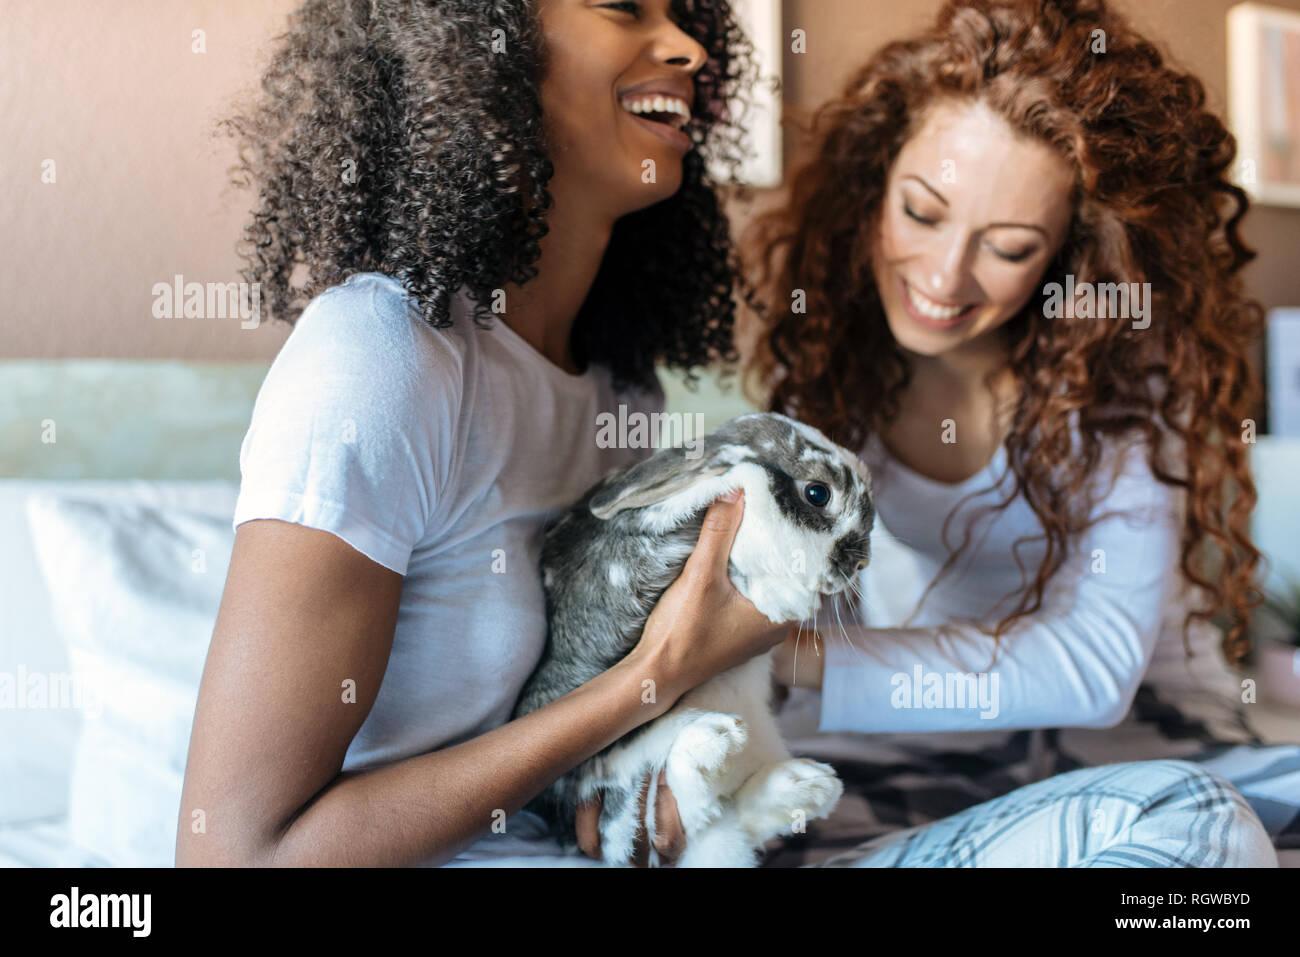 Junge Frauen im Bett spielen mit kleine Hase Stockbild